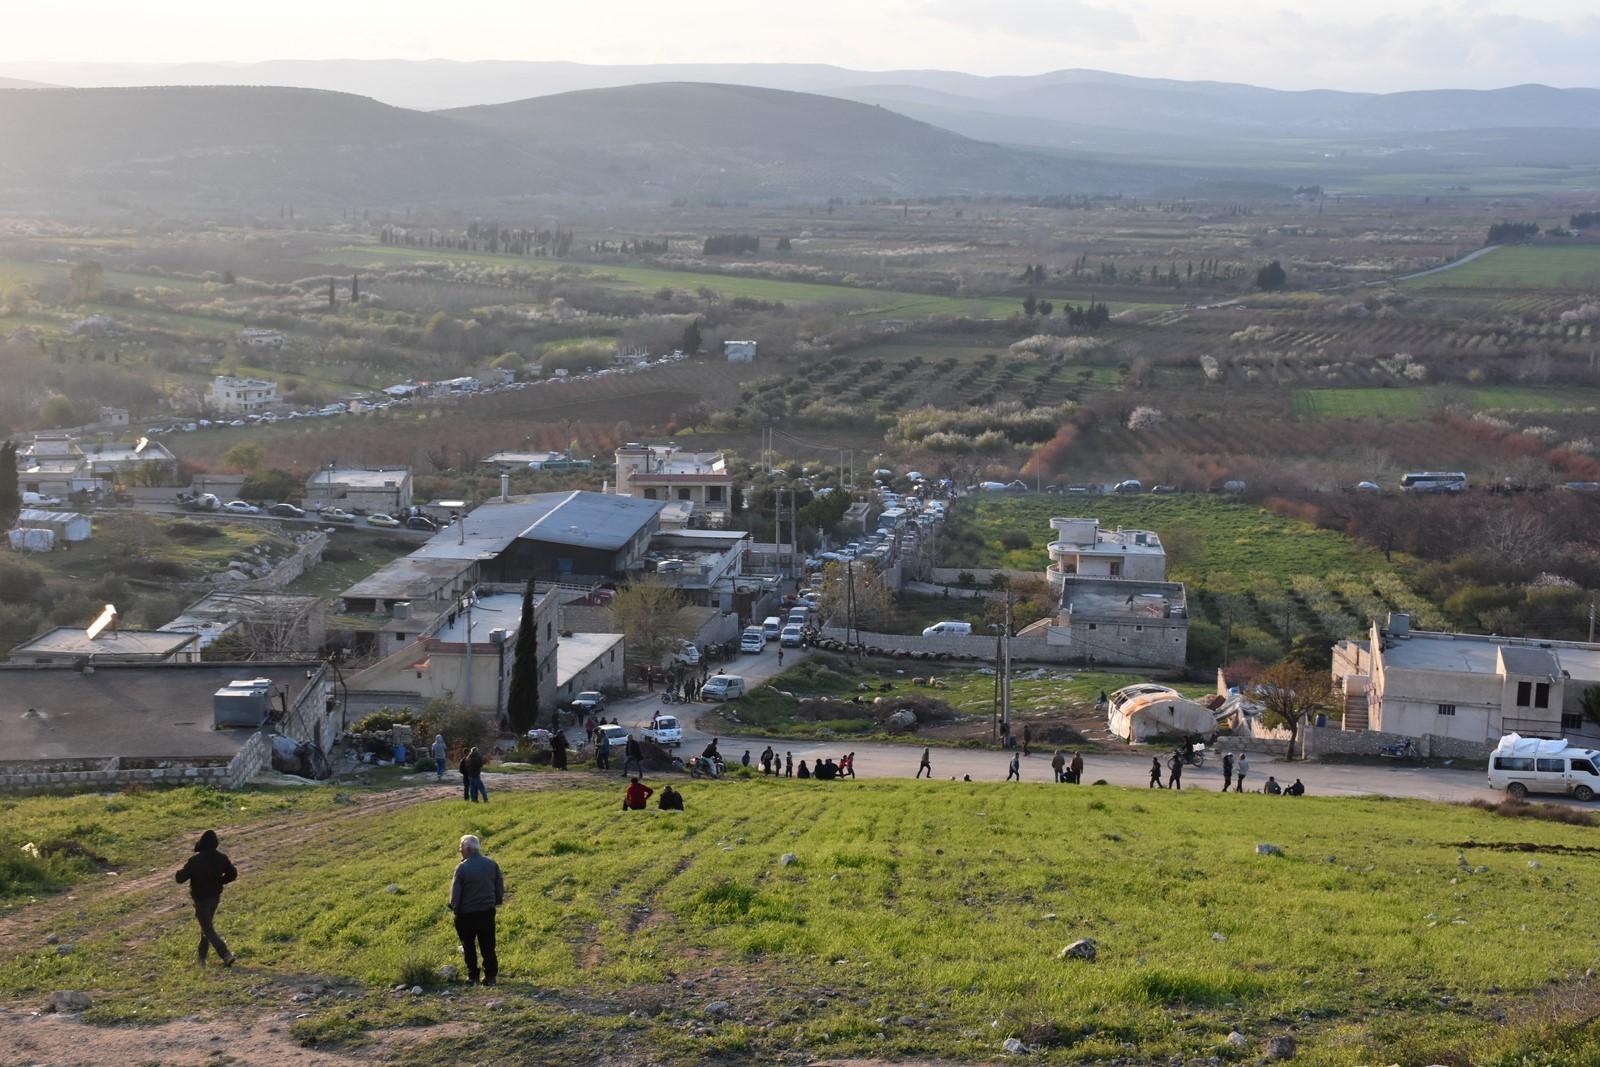 Con firmeza y organización, dibujan el mapa de la liberación de Afrin -4